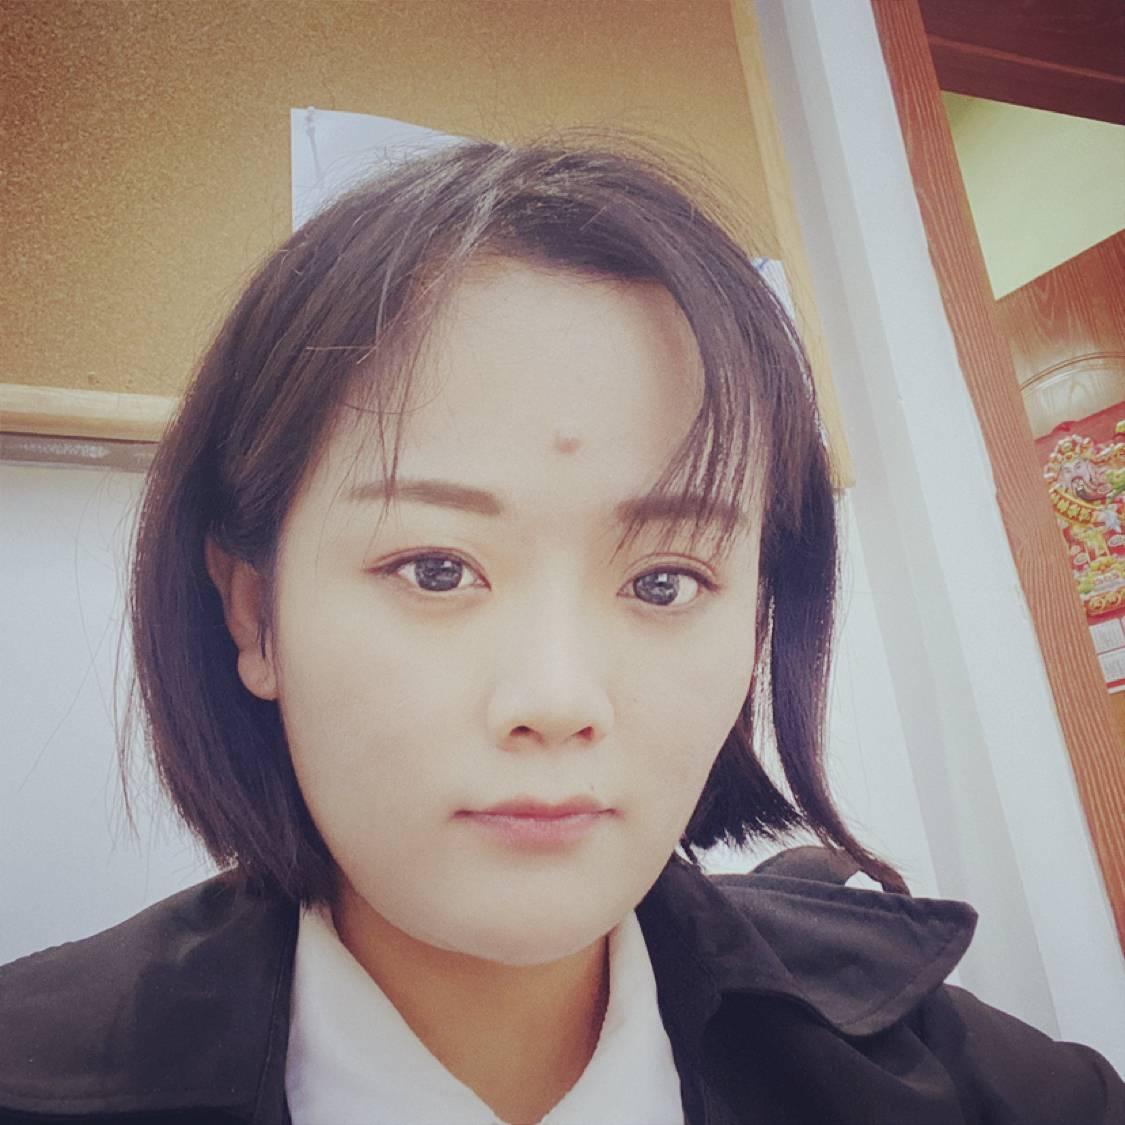 贤惠浅吻凉笙的照片